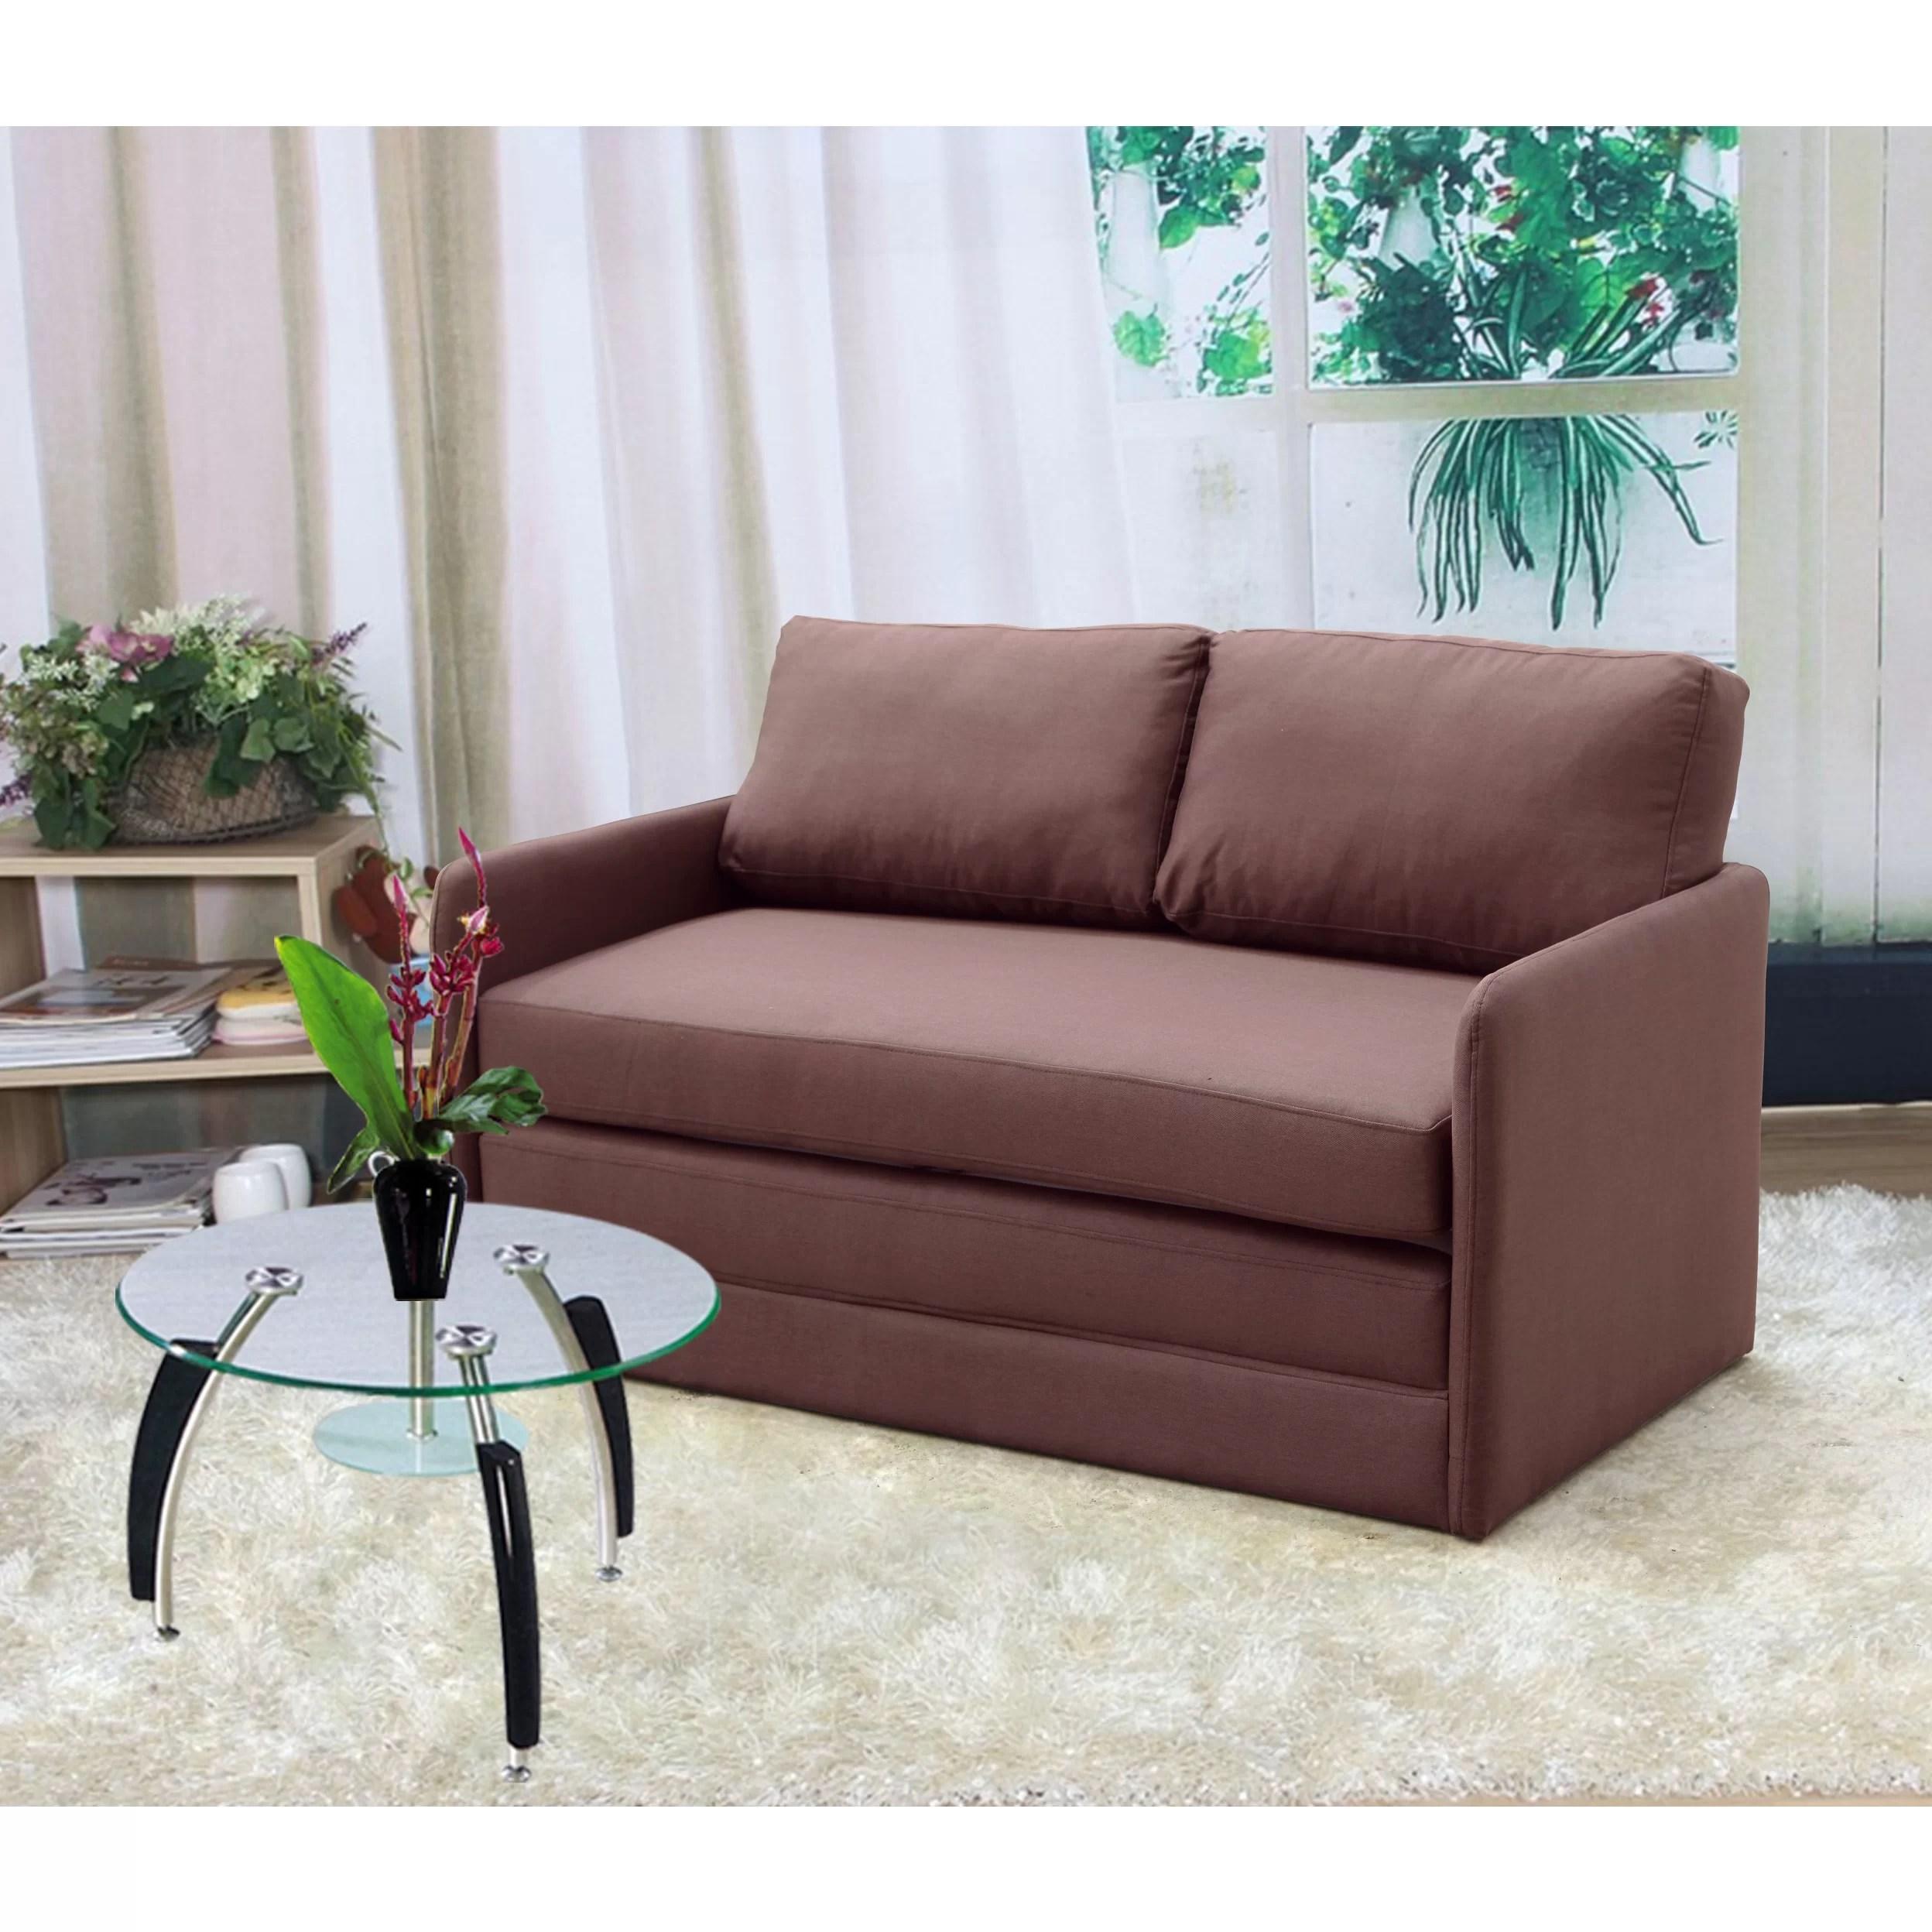 sofa bed bestway 5 in 1 best modern sleepers container reversible sleeper loveseat and reviews wayfair